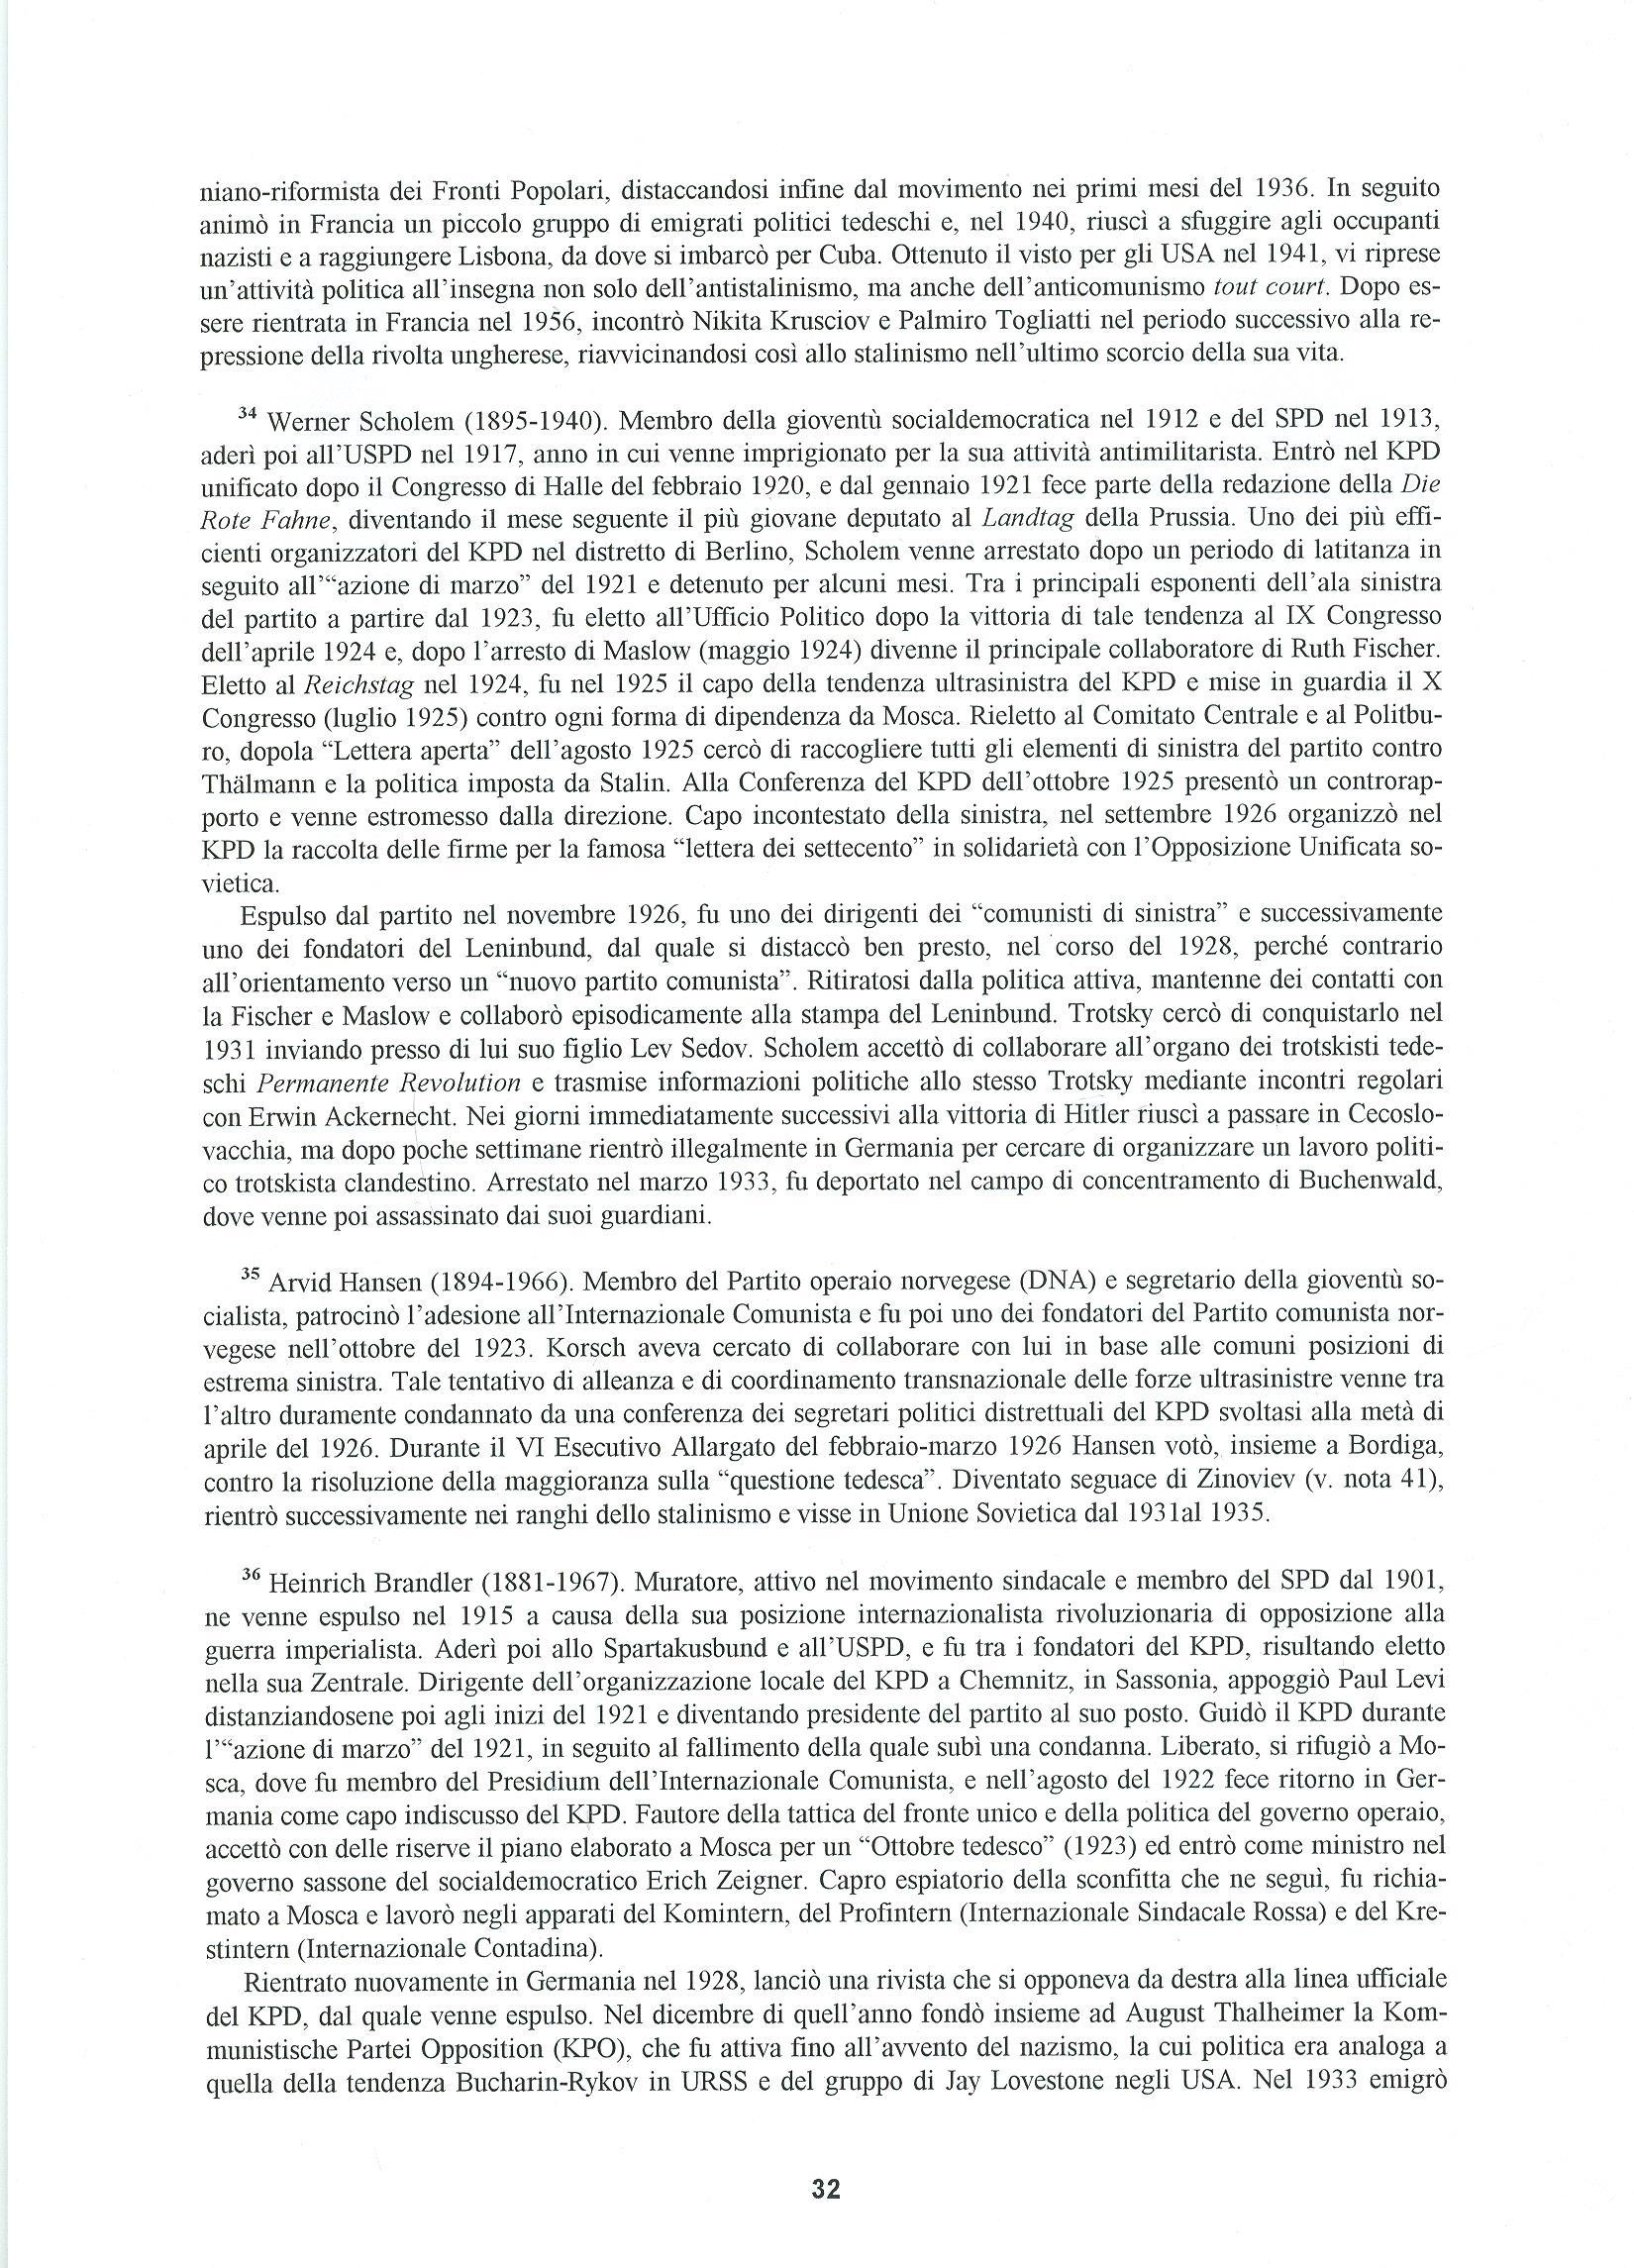 Quaderni del Centro Studi Pietro Tresso (1996-2009) n. 14 (novembre 1998) - pag. 33